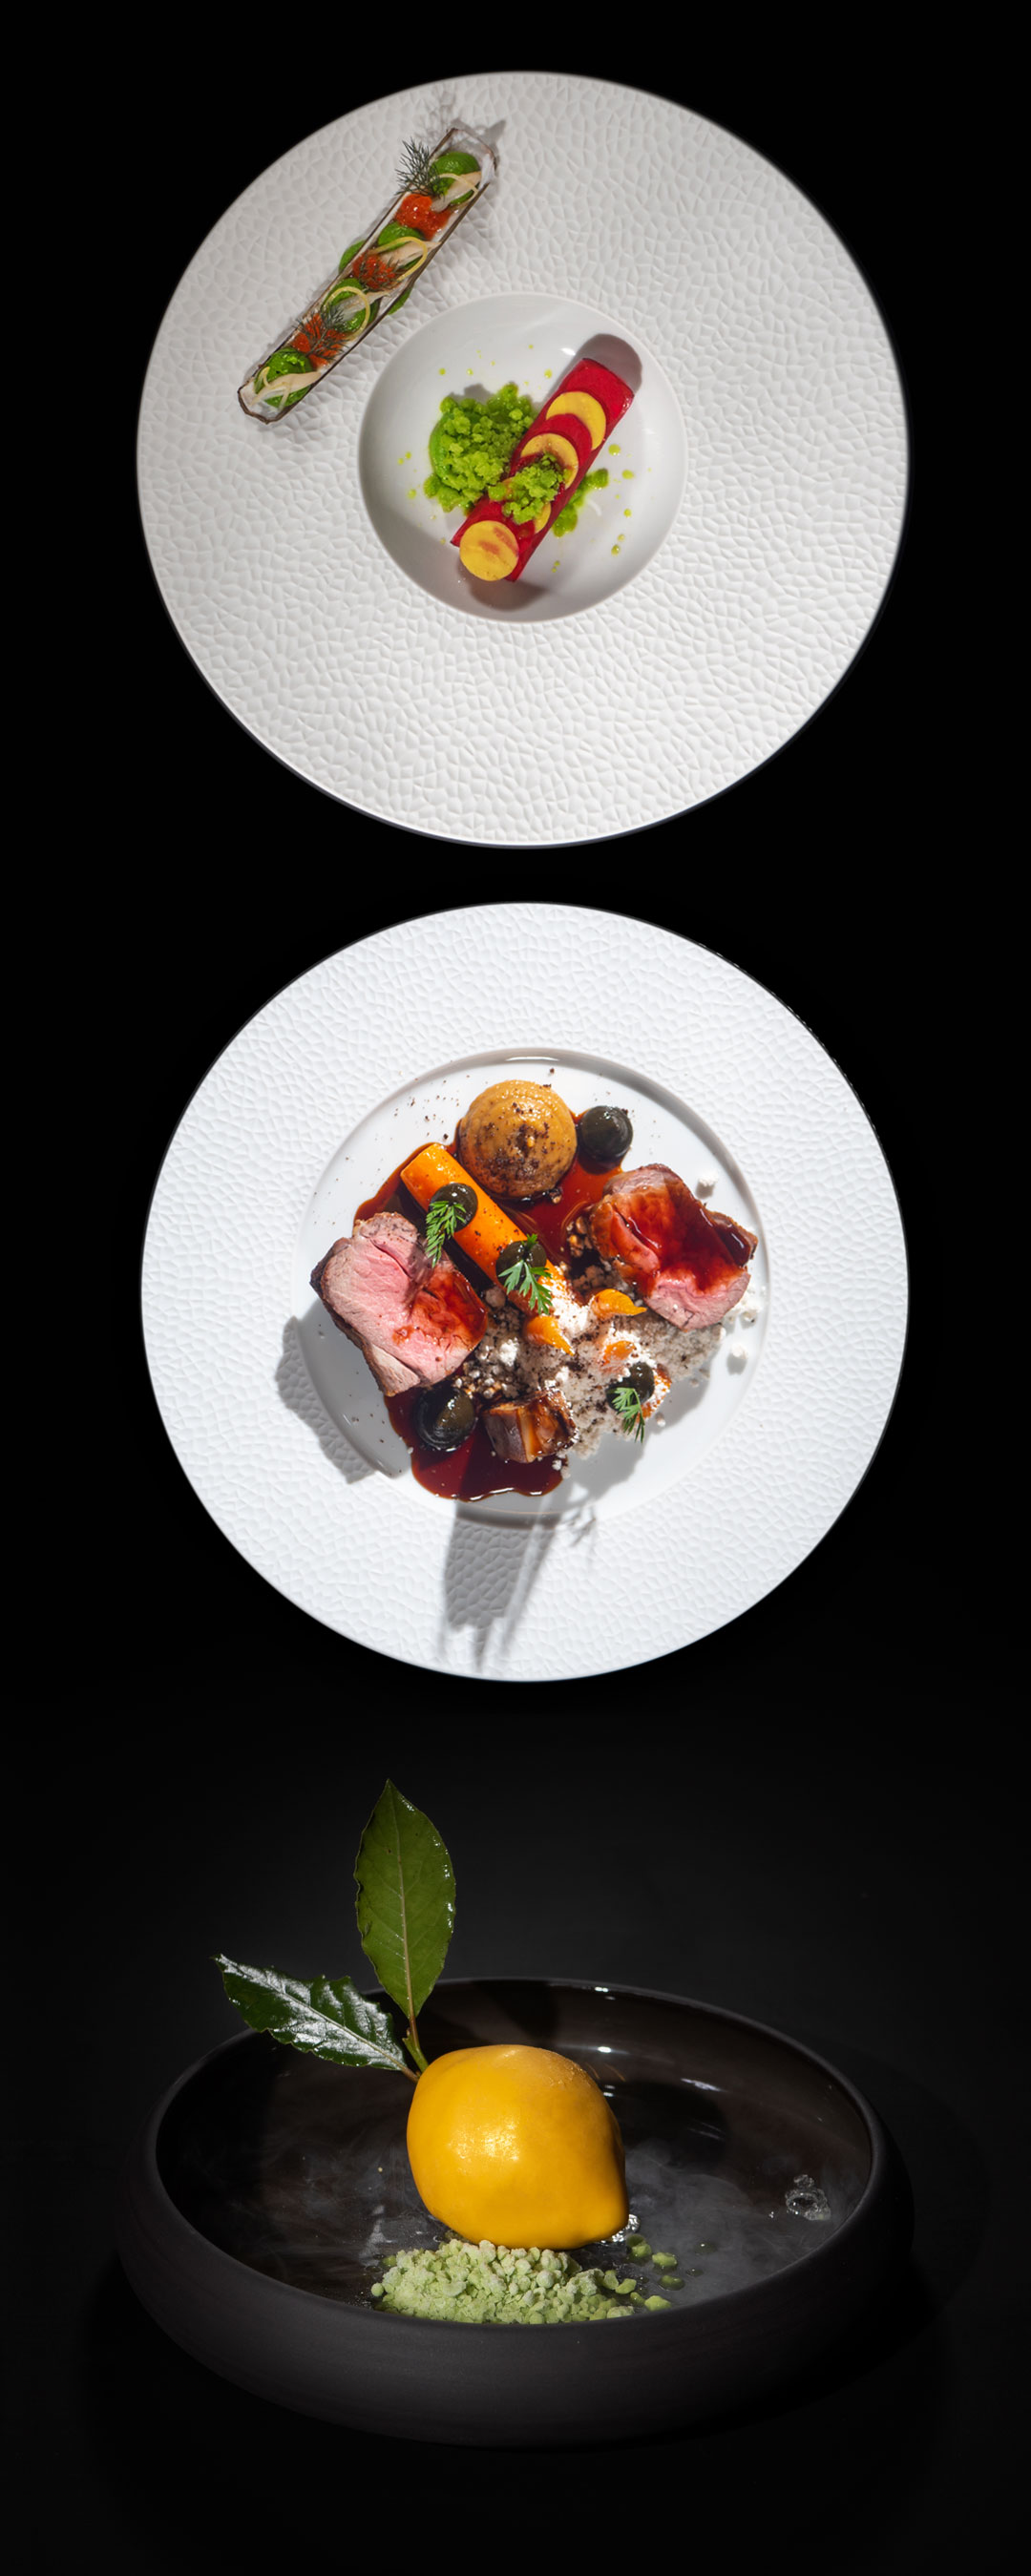 Showcase Dinner at The River Restaurant